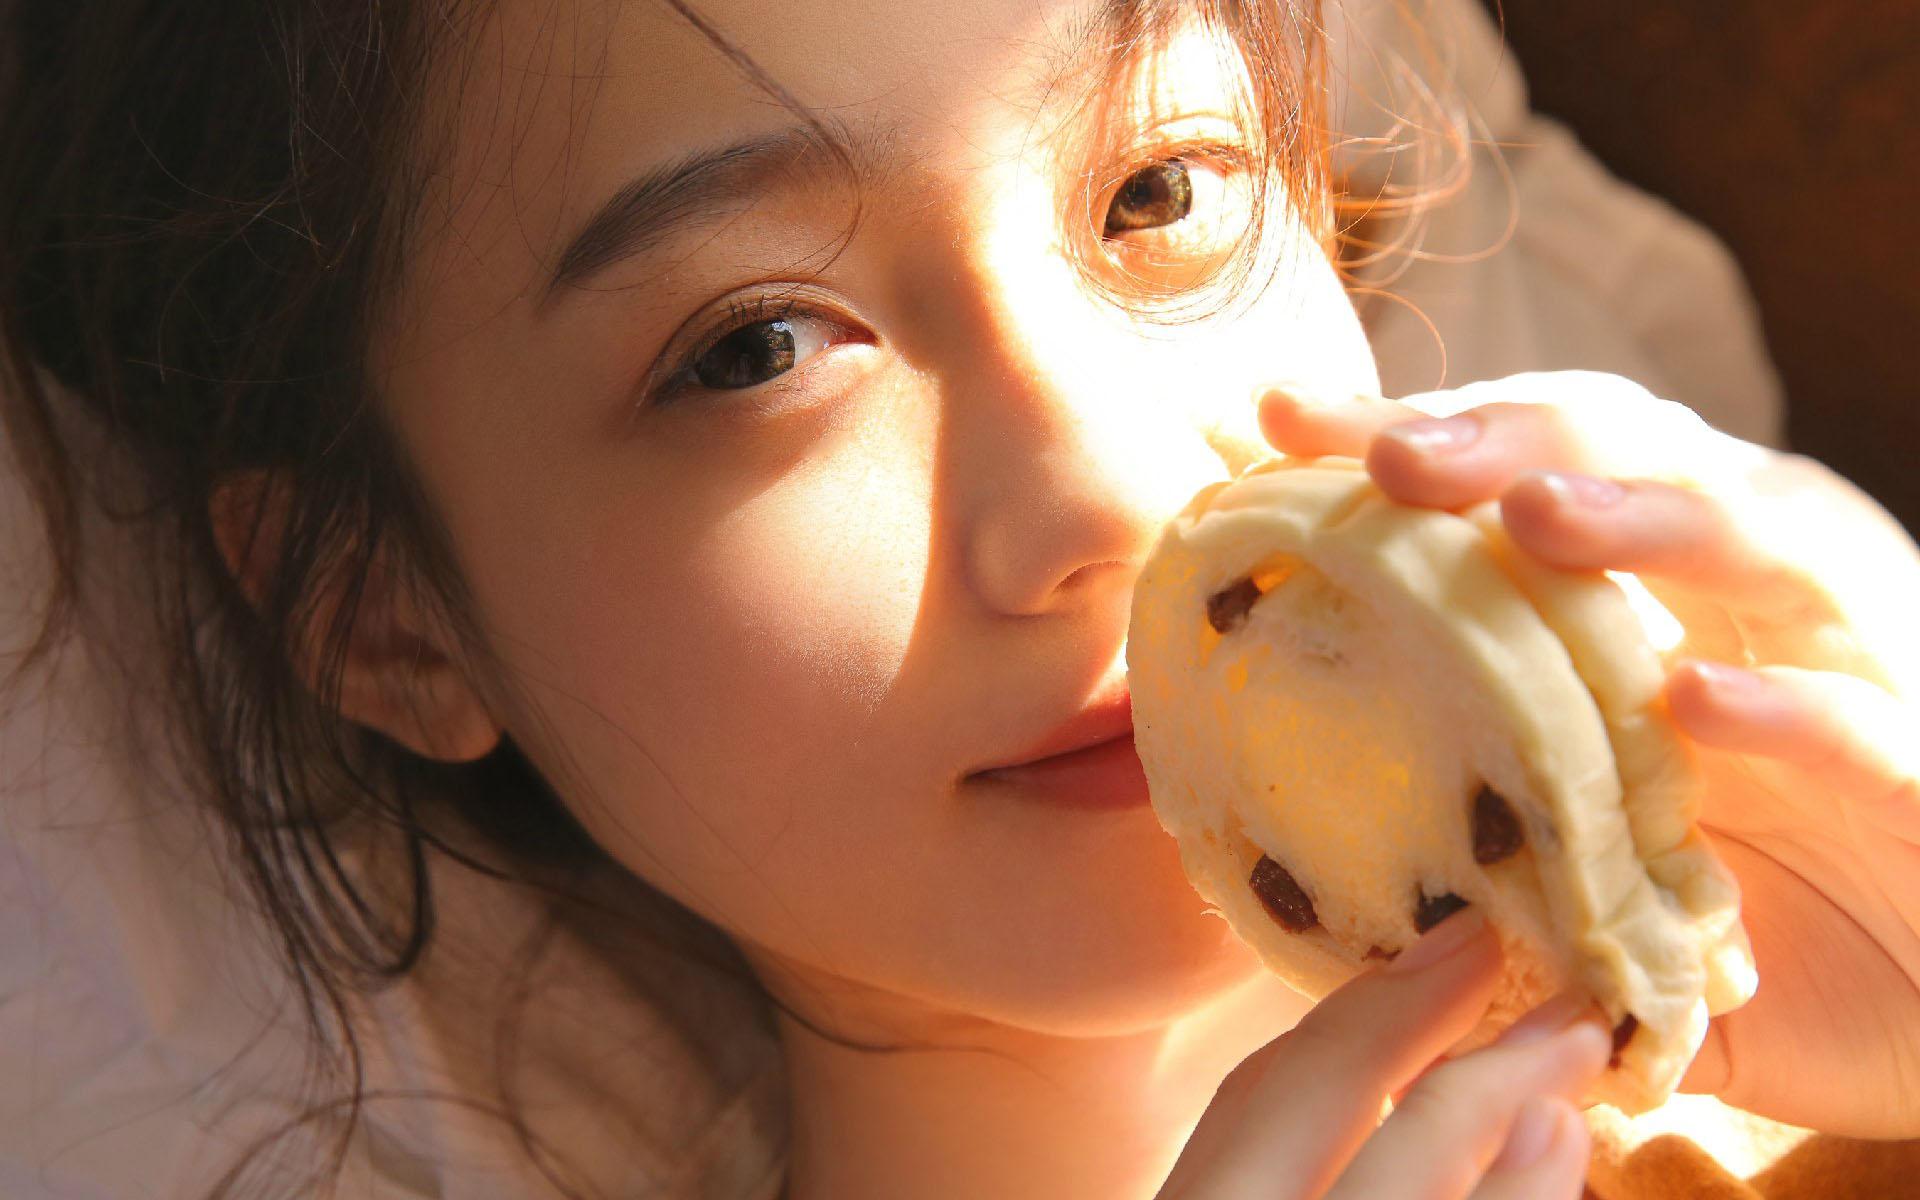 精品小说《微风飞过蔷薇》全文免费在线阅读 微风飞过蔷薇免费阅读